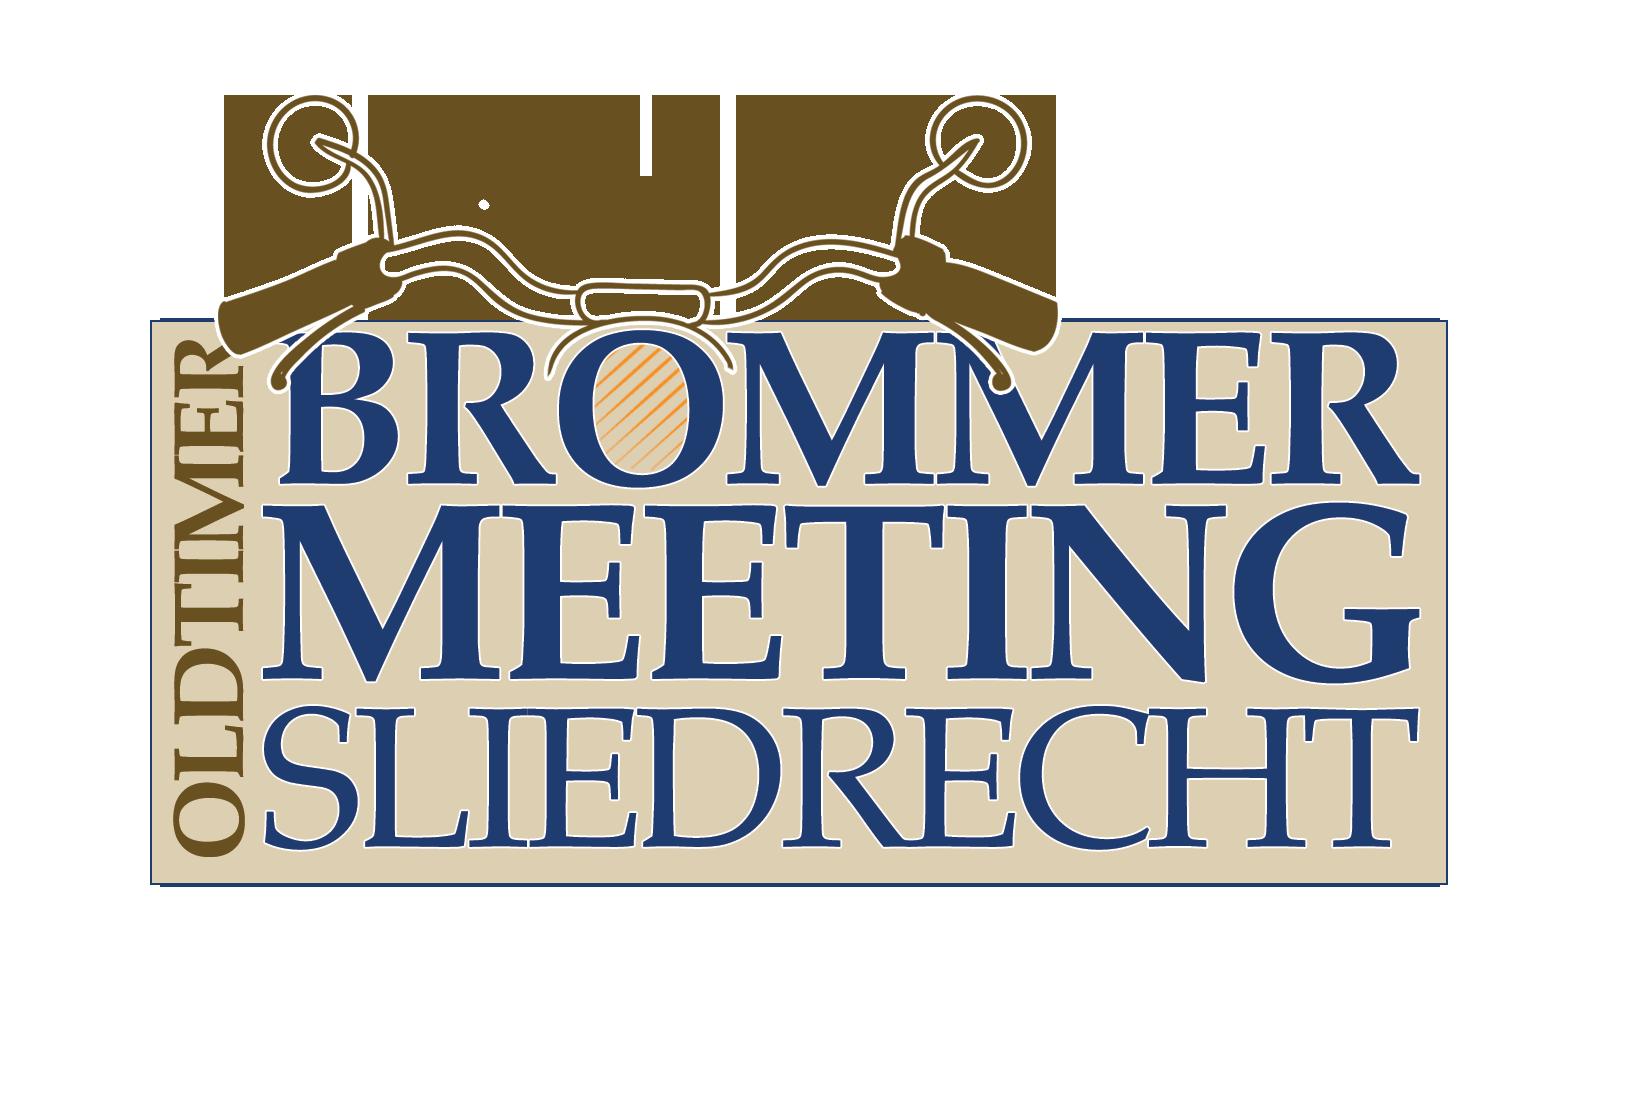 Oldtimer Brommer Meeting Sliedrecht